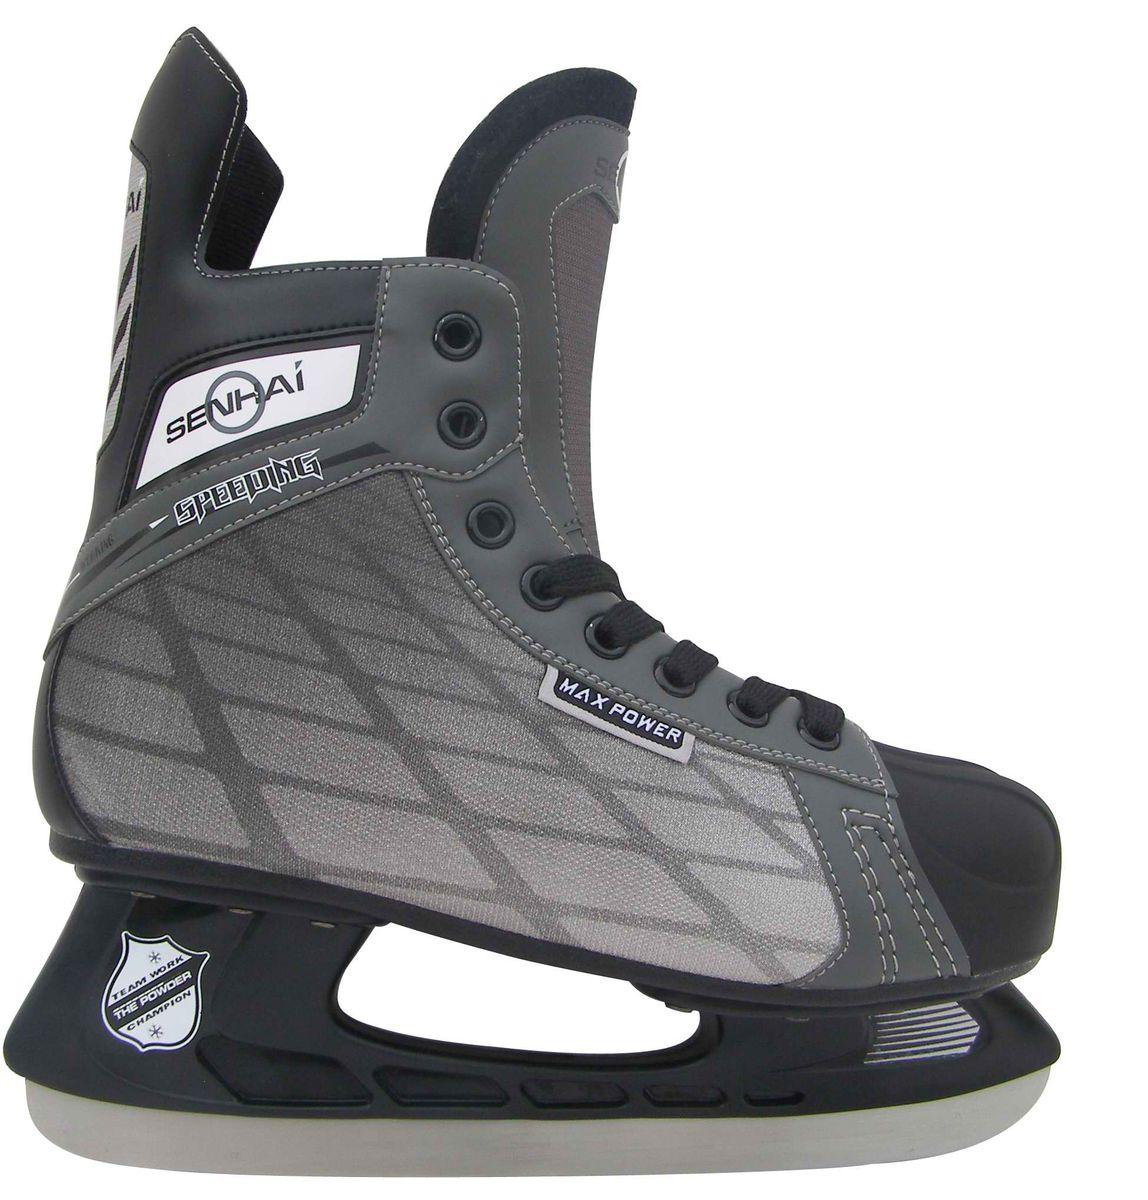 Коньки хоккейные Action цвет:  серый, черный, бежевый.  PW-540.  Размер 40 Action